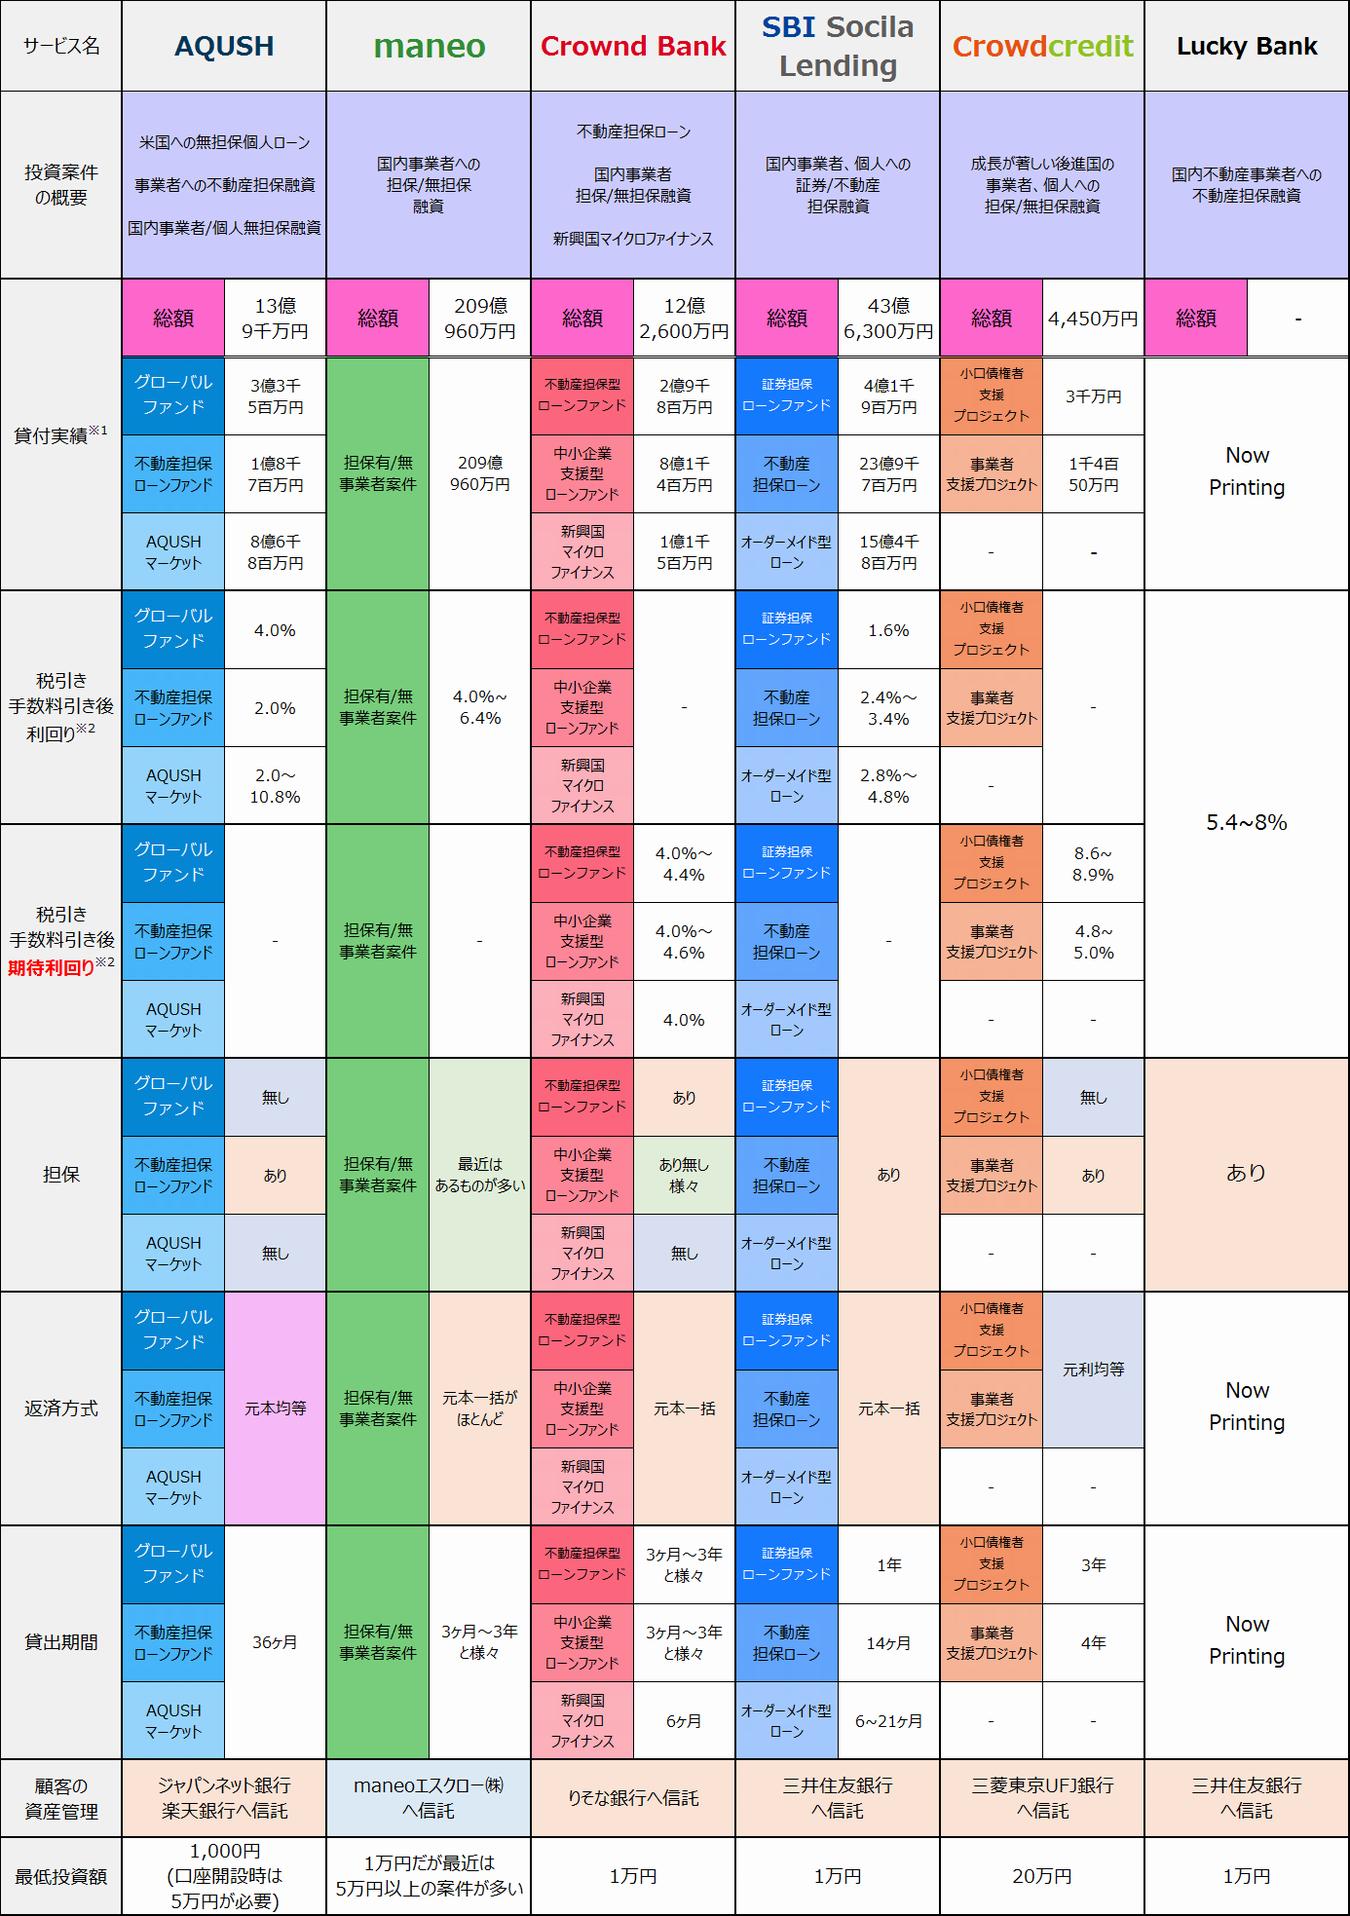 ソーシャルレンディング商品情報20141201